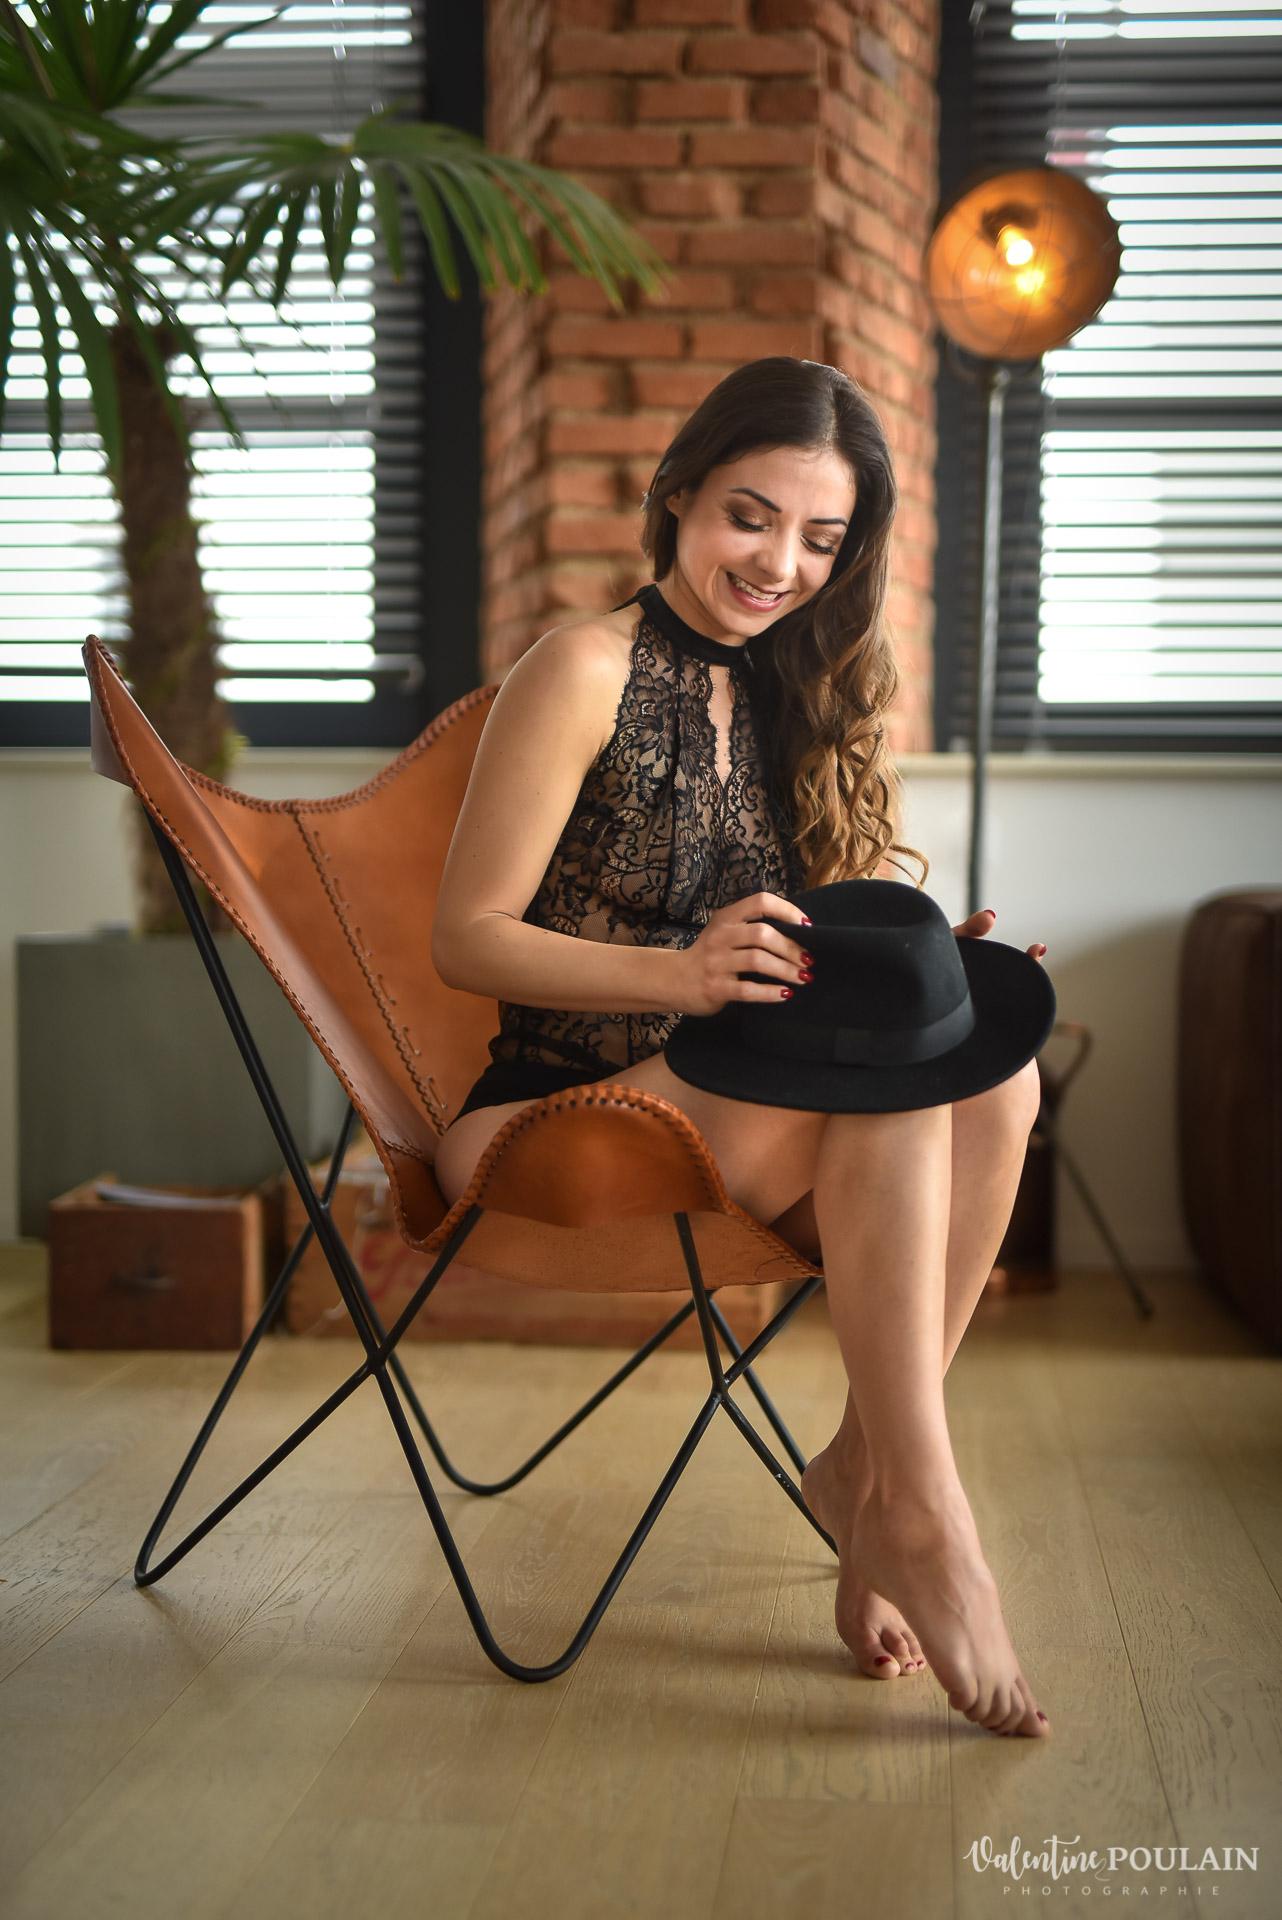 chaise boudoir Valentine Poulain